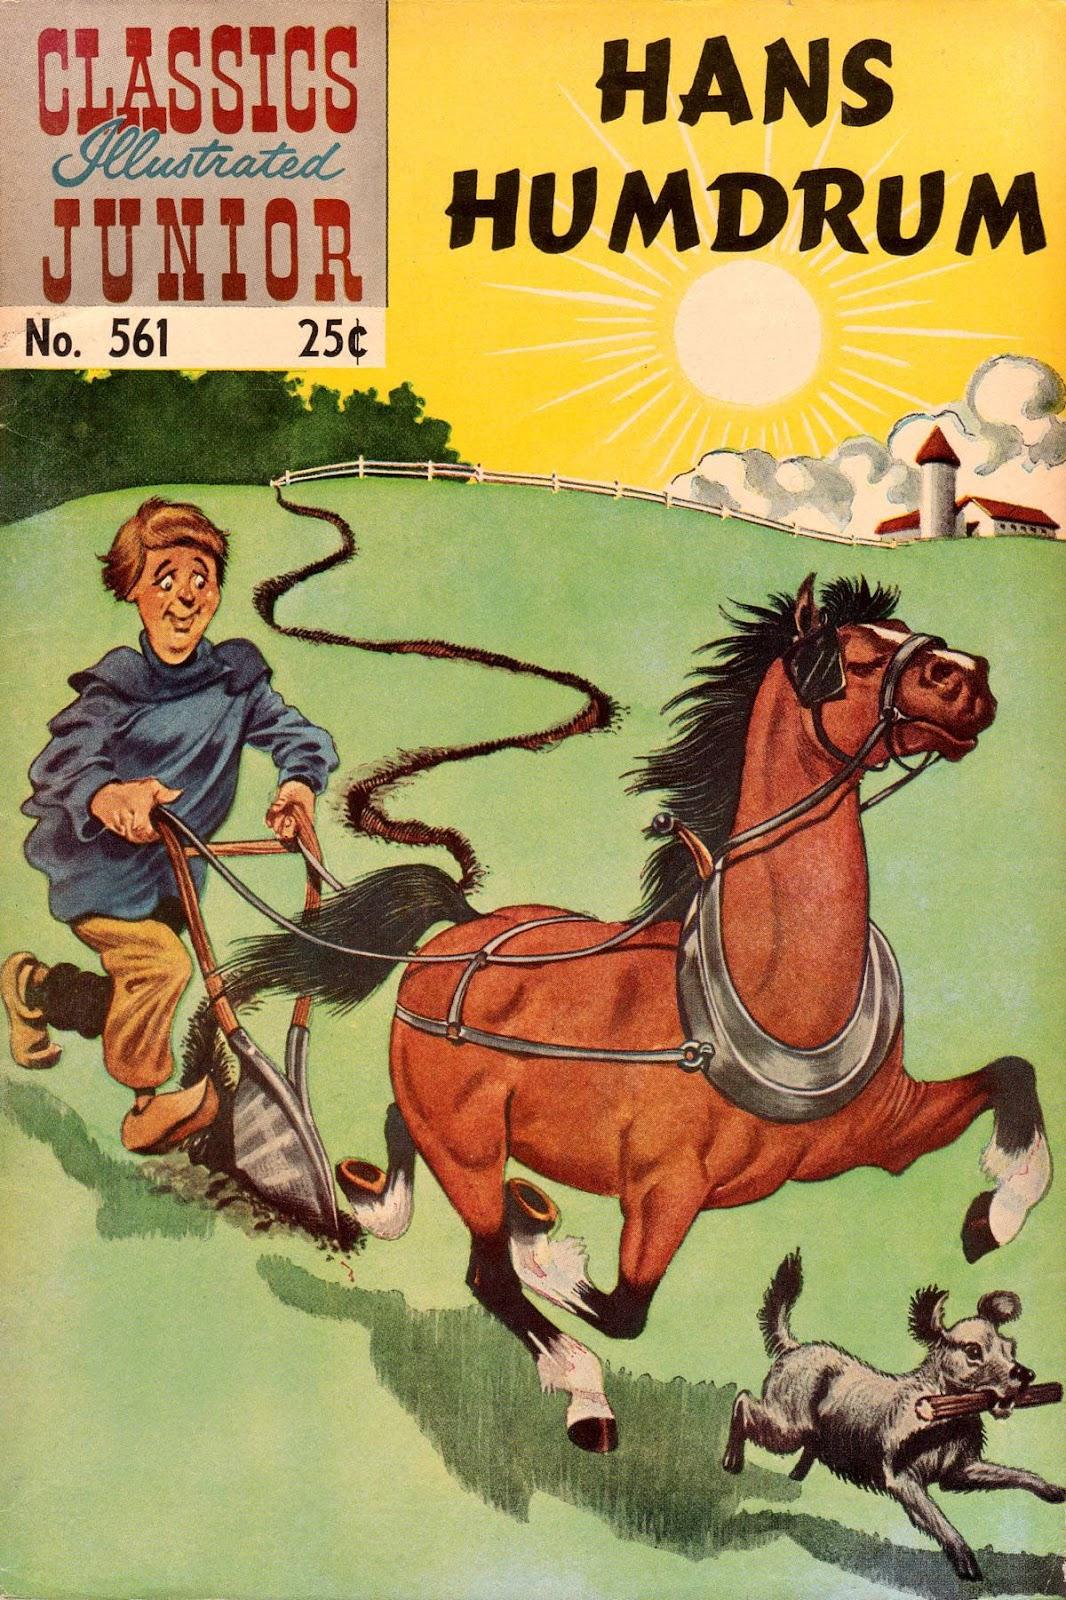 Classics Illustrated Junior 561 Page 1